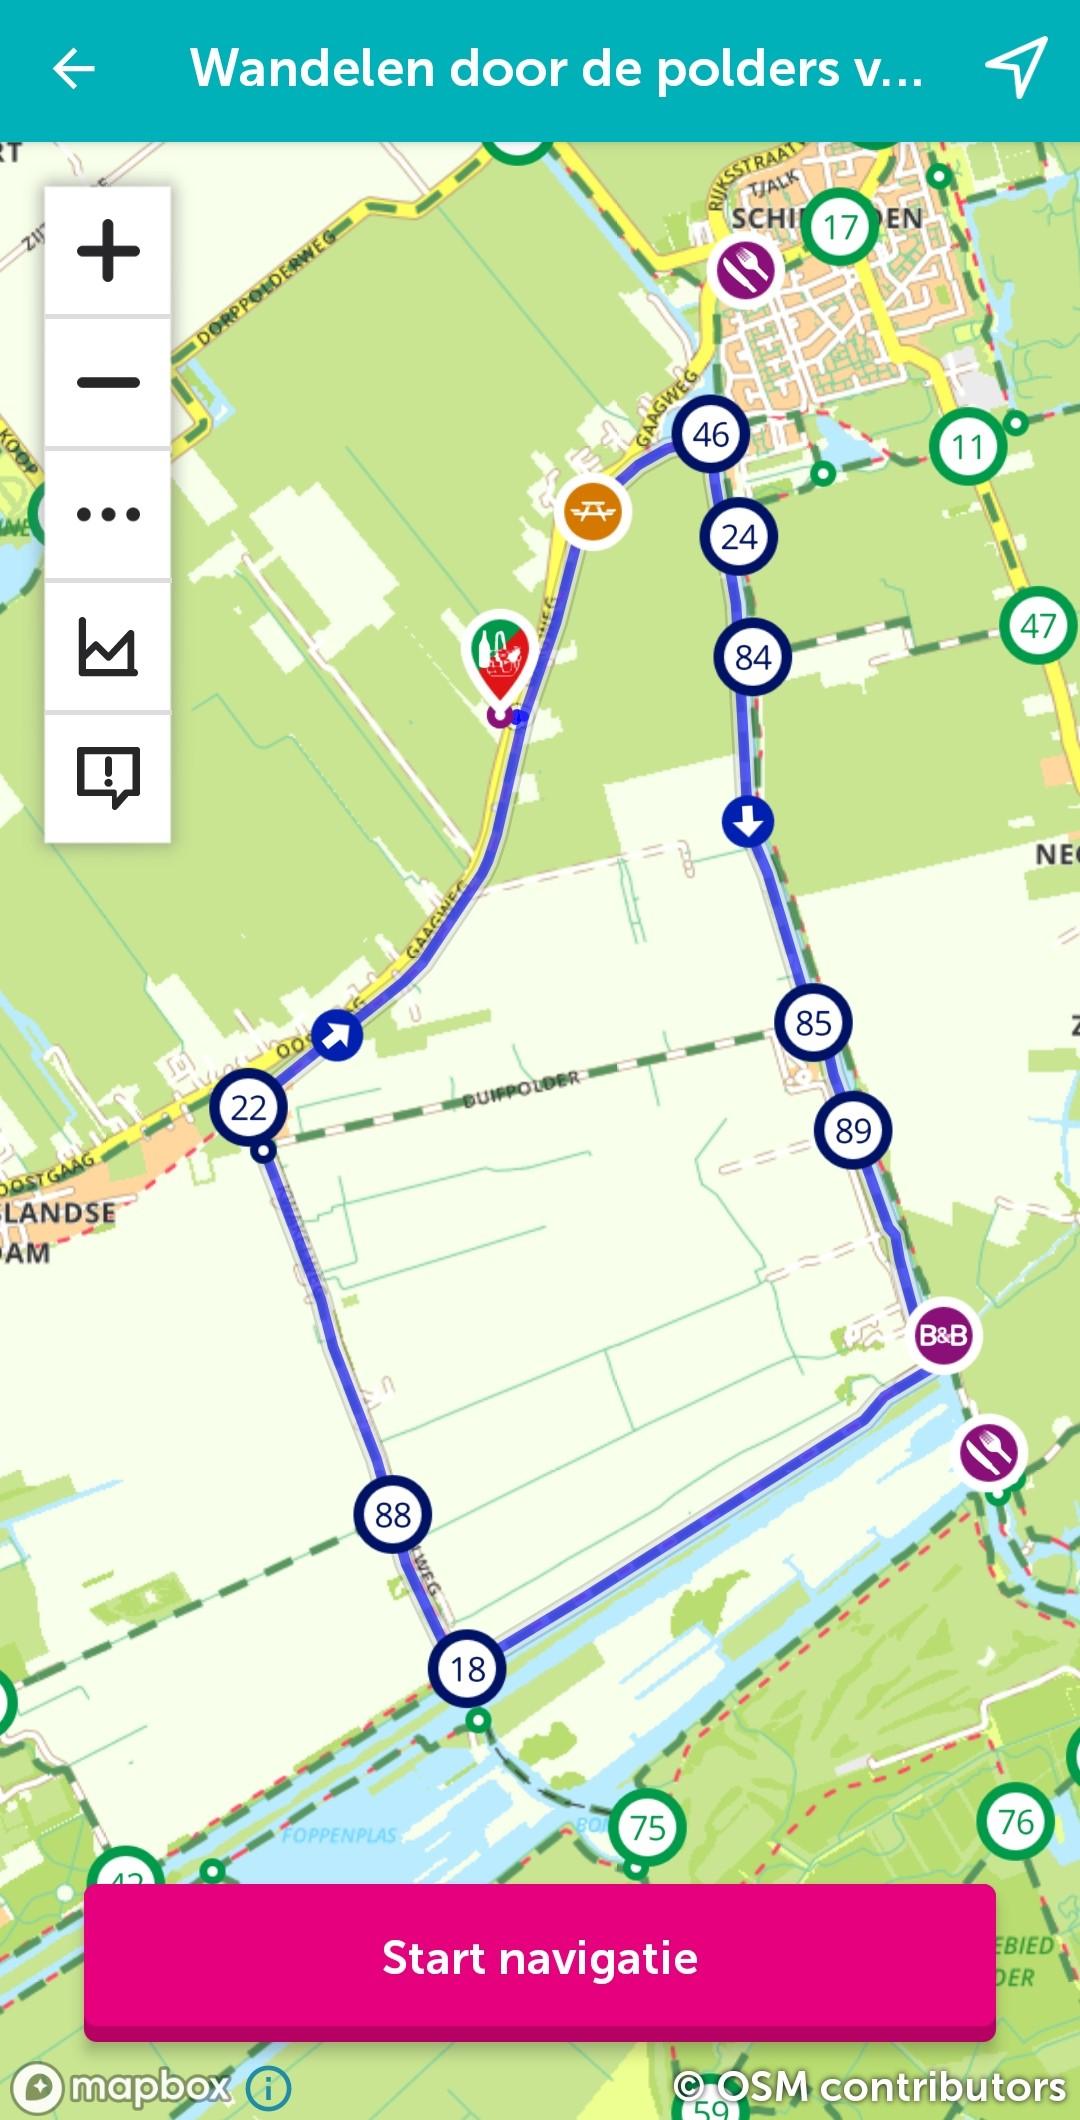 Voorbeeld wandelroute van Route.nl